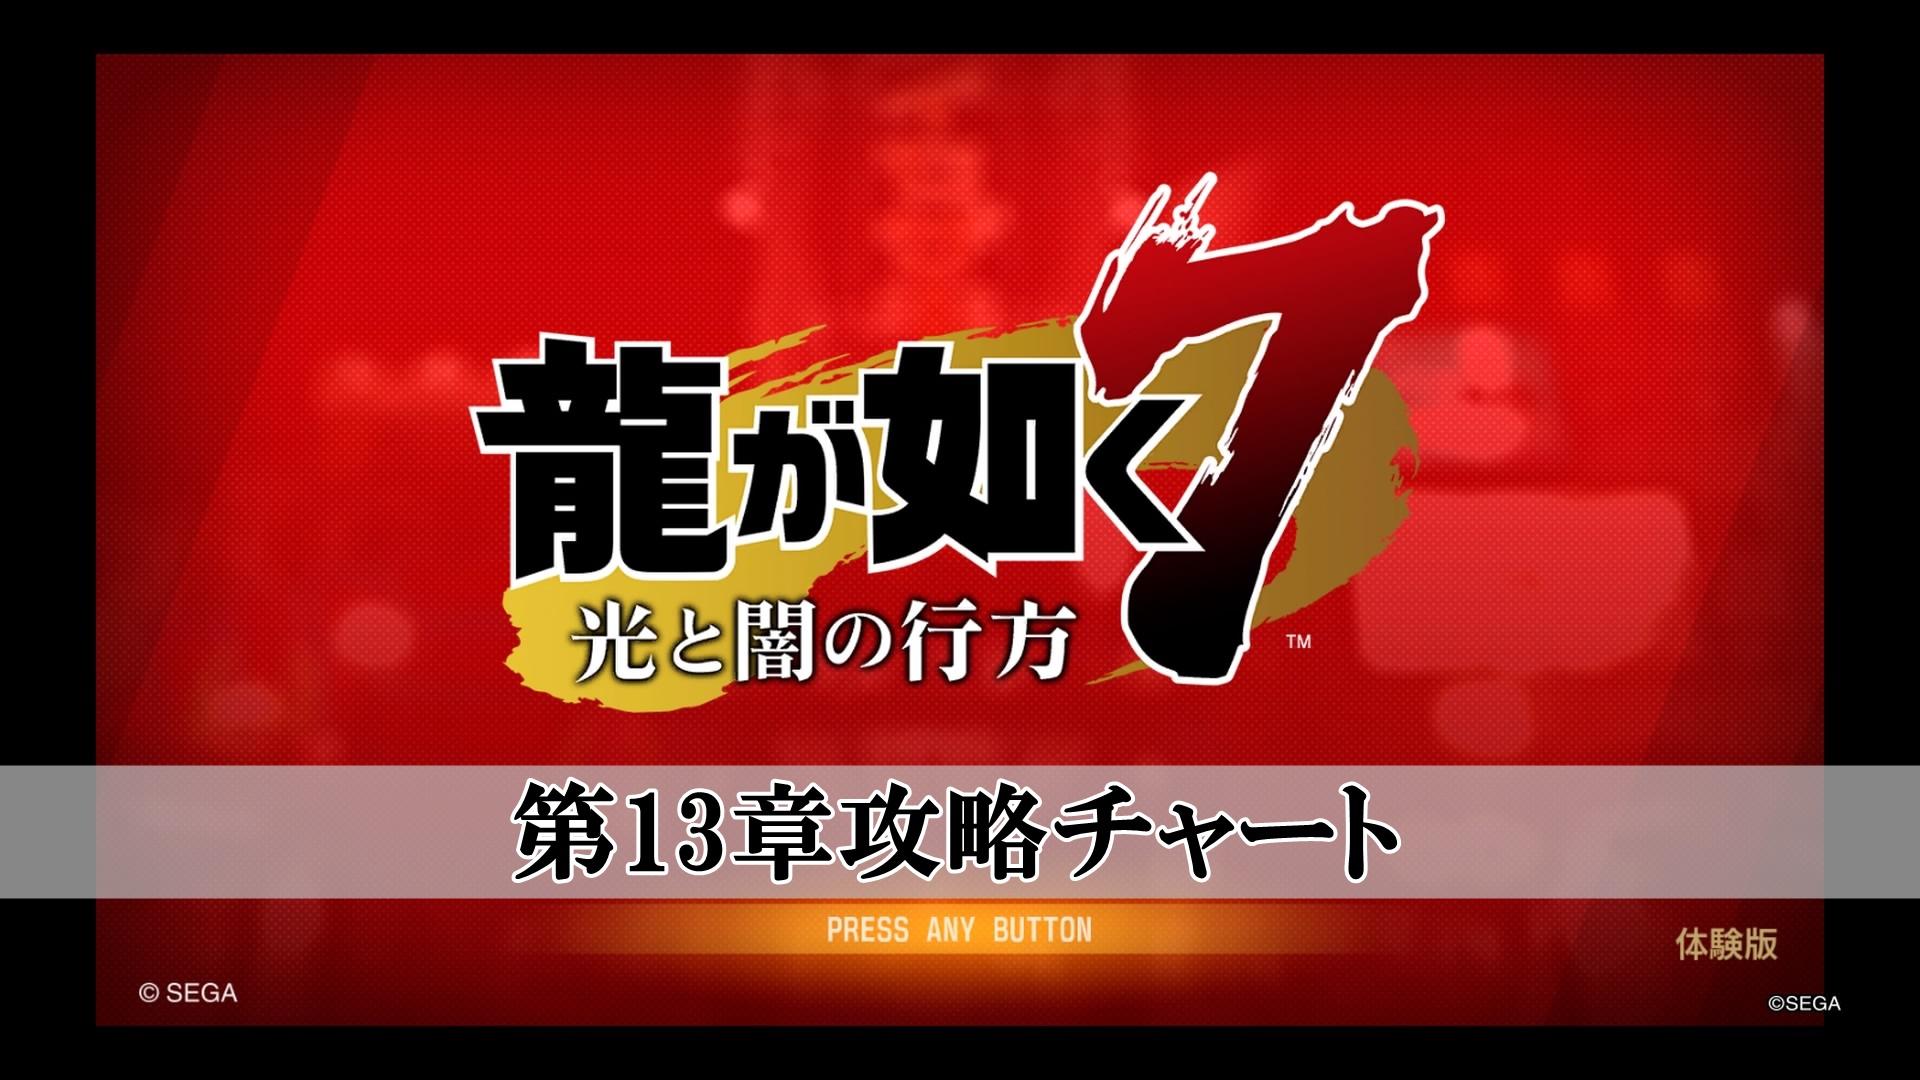 7 如く 龍 キング ジョー が バイトクエスト